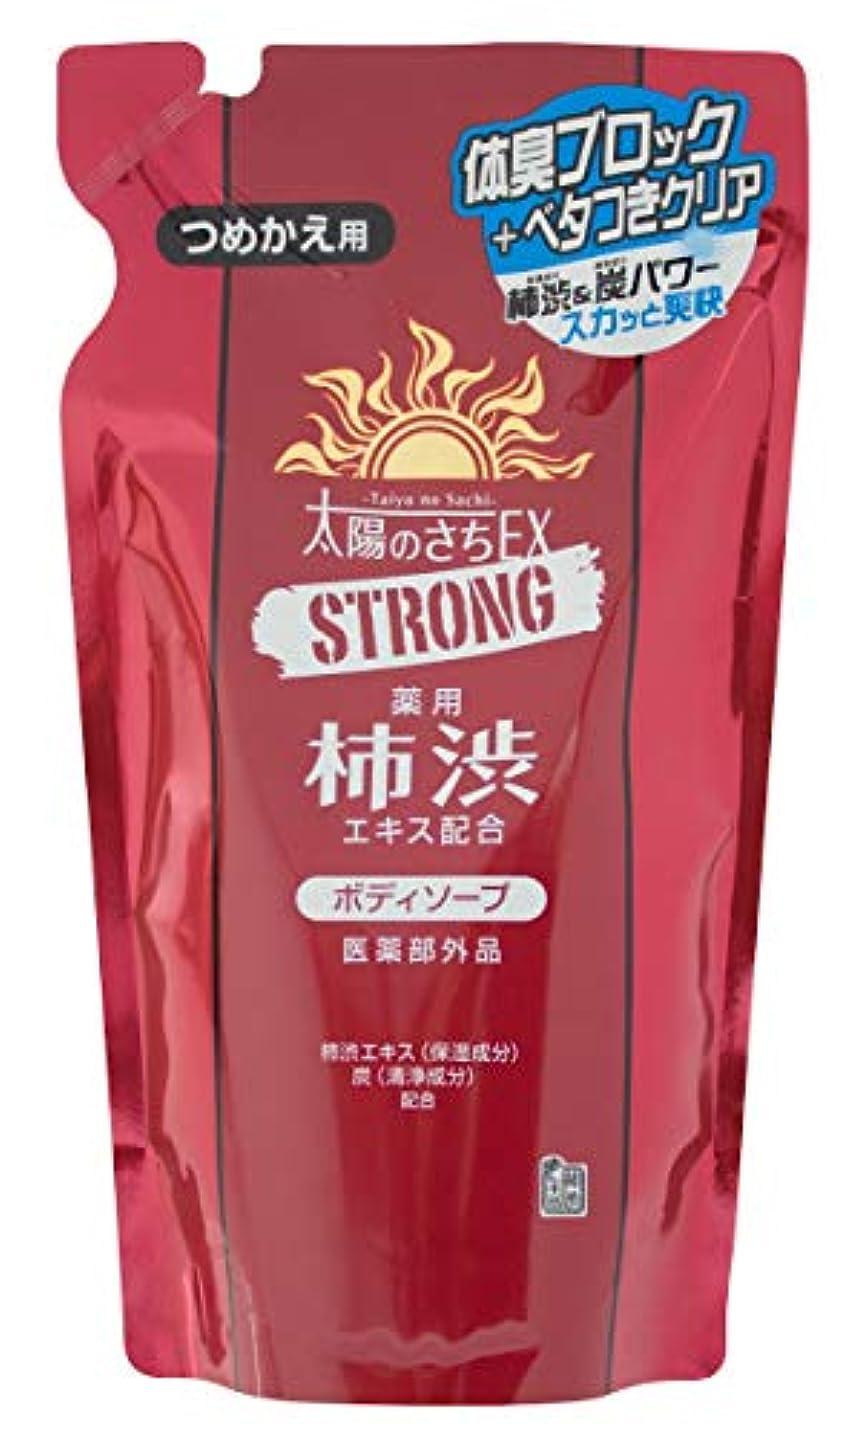 疼痛排気ジャングル太陽のさちEXストロング ボディソープ詰替 320mL (医薬部外品)